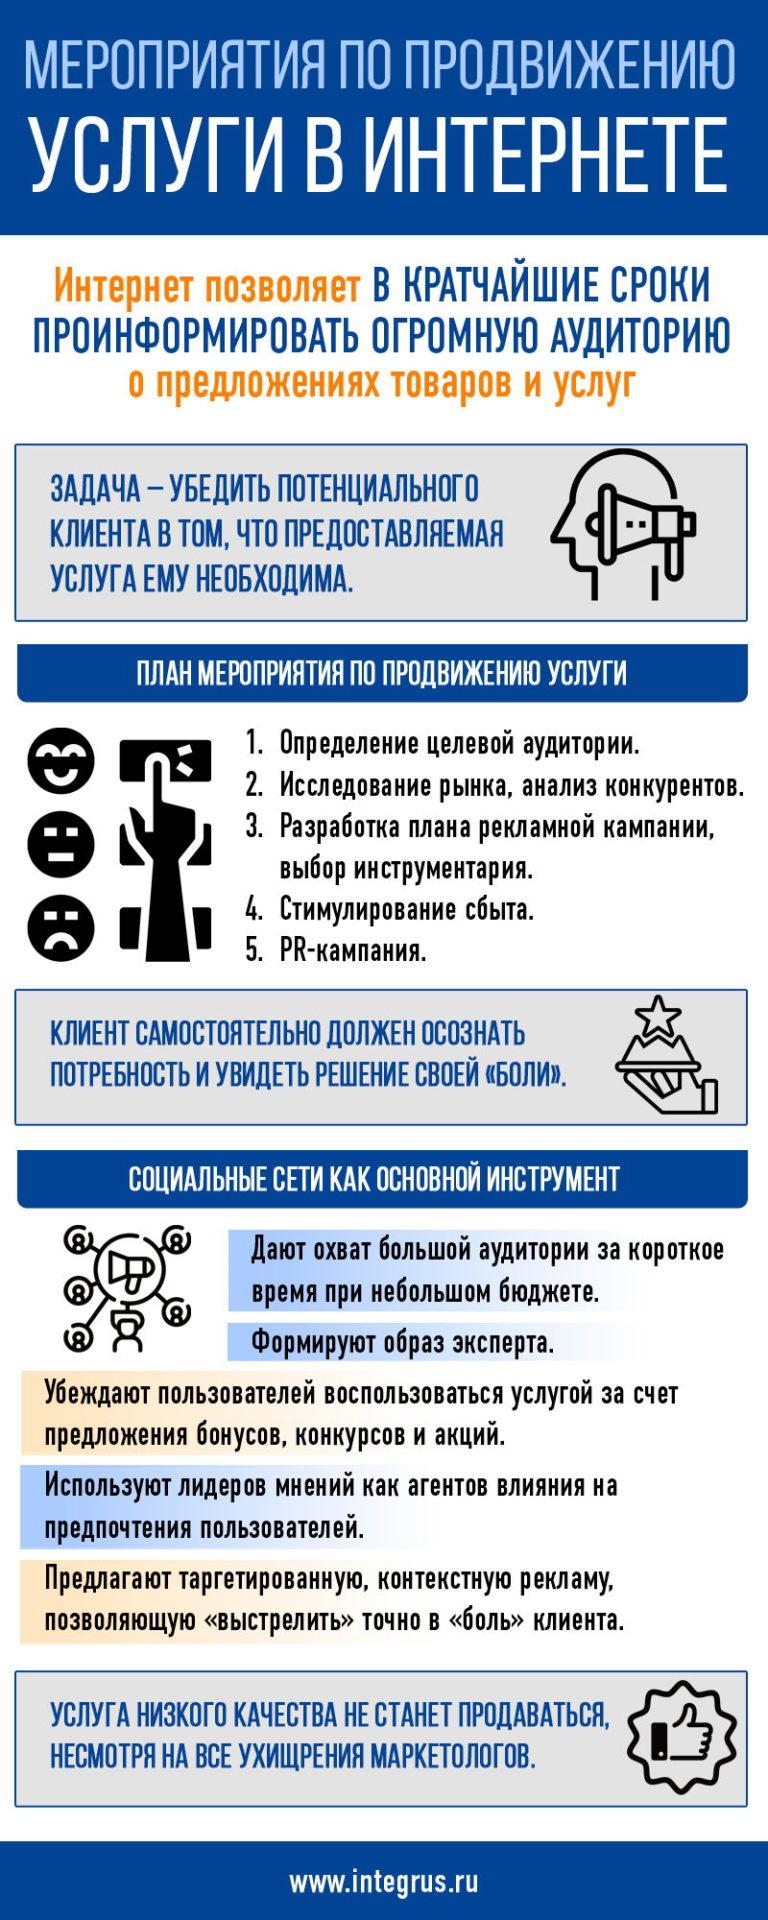 Мероприятия по рекламе товаров и услуг